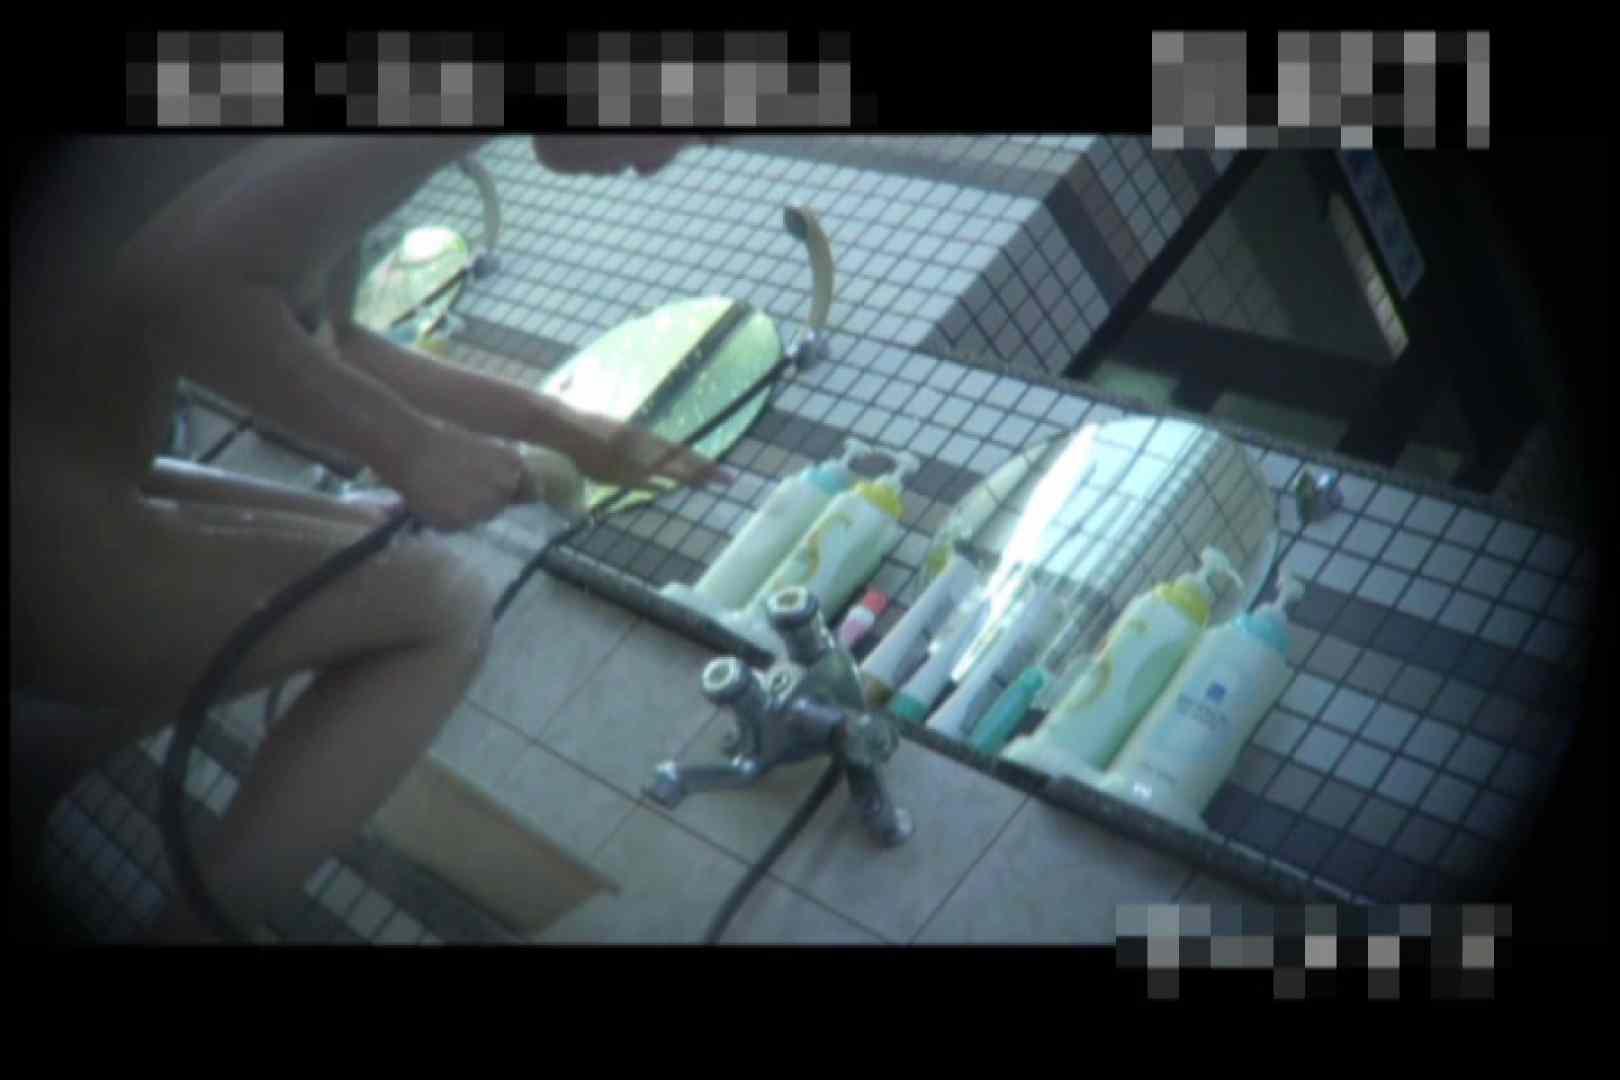 未熟な珊瑚礁 vol.04 盗撮特撮 隠し撮りオマンコ動画紹介 11pic 2